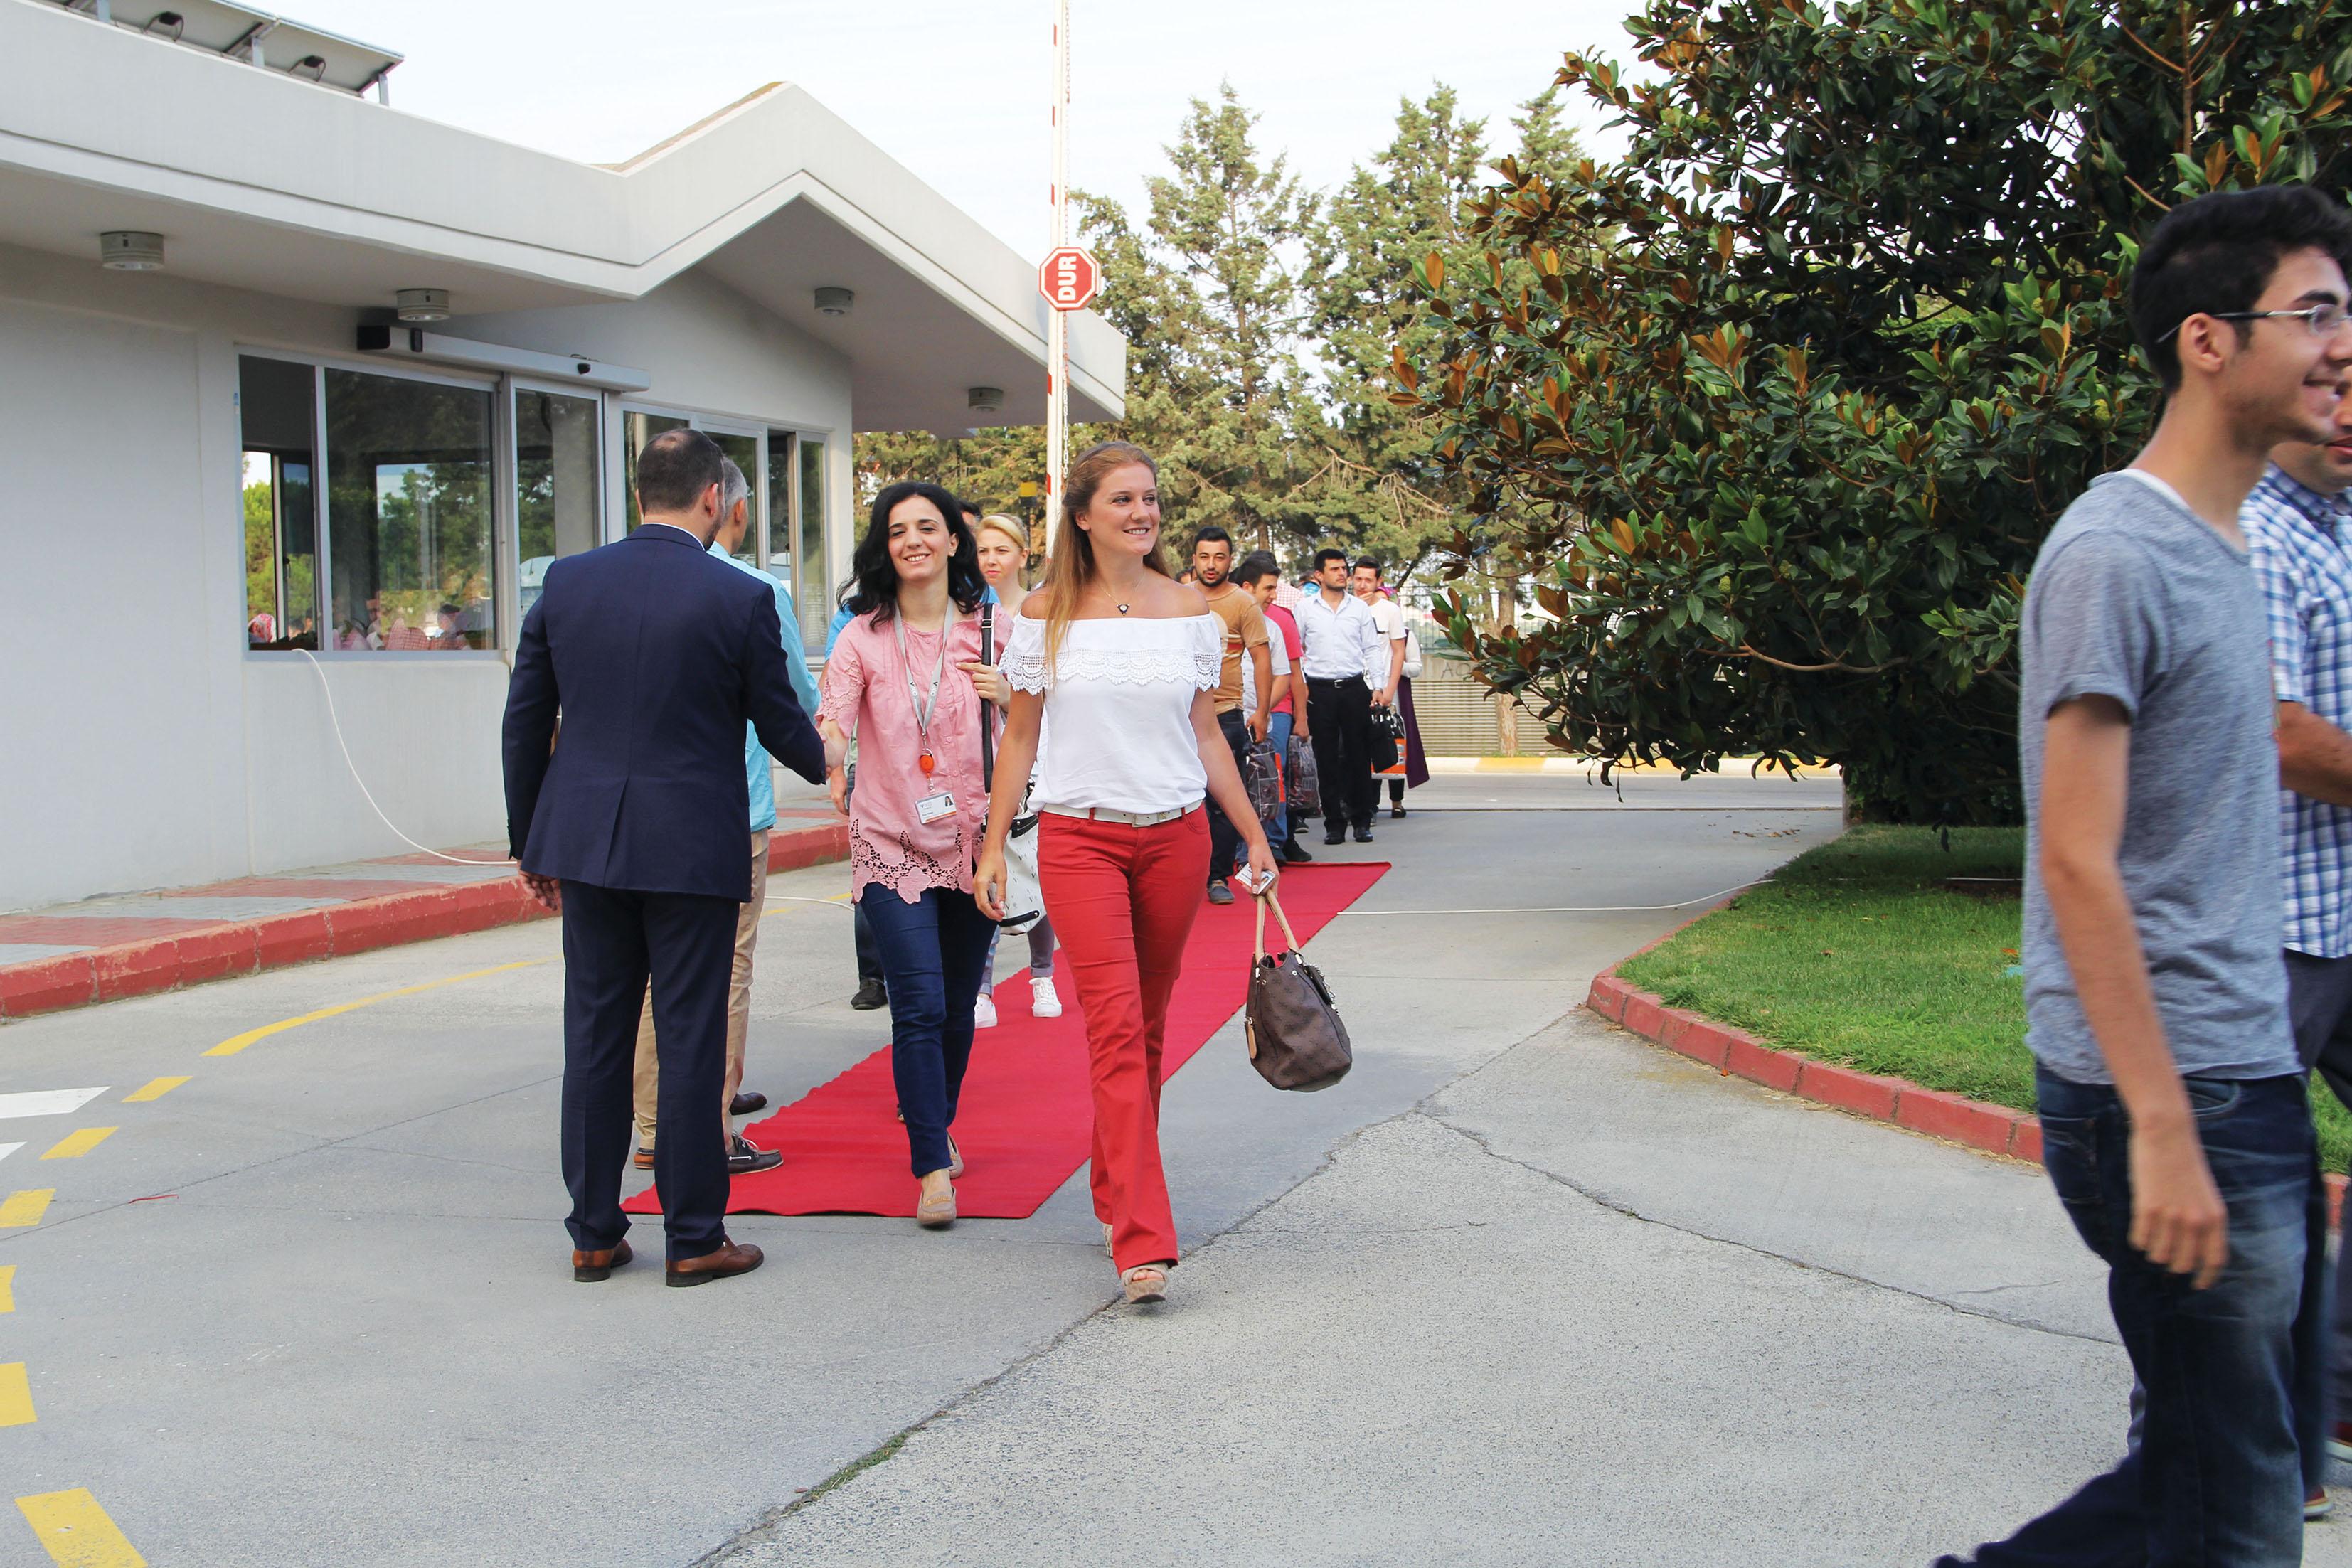 VİKO'dan çalışanlarına kırmızı halıyla karşılama